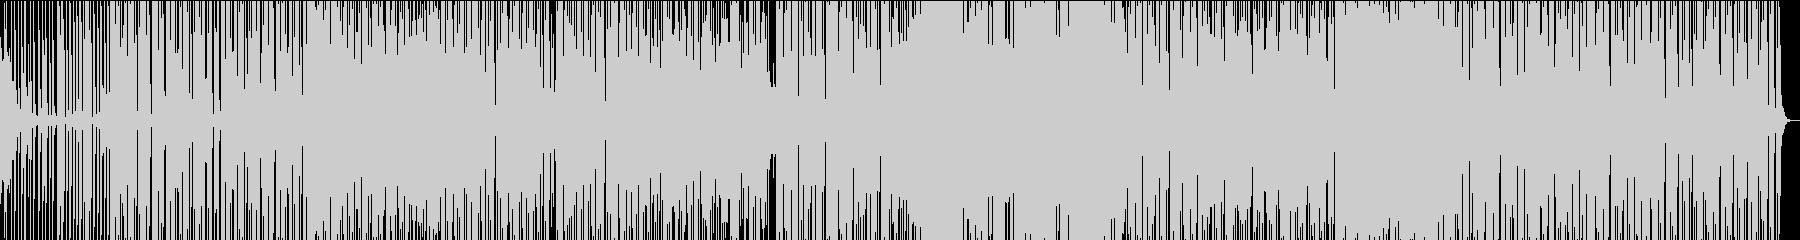 明るくオシャレなエレクトロニックな楽曲の未再生の波形